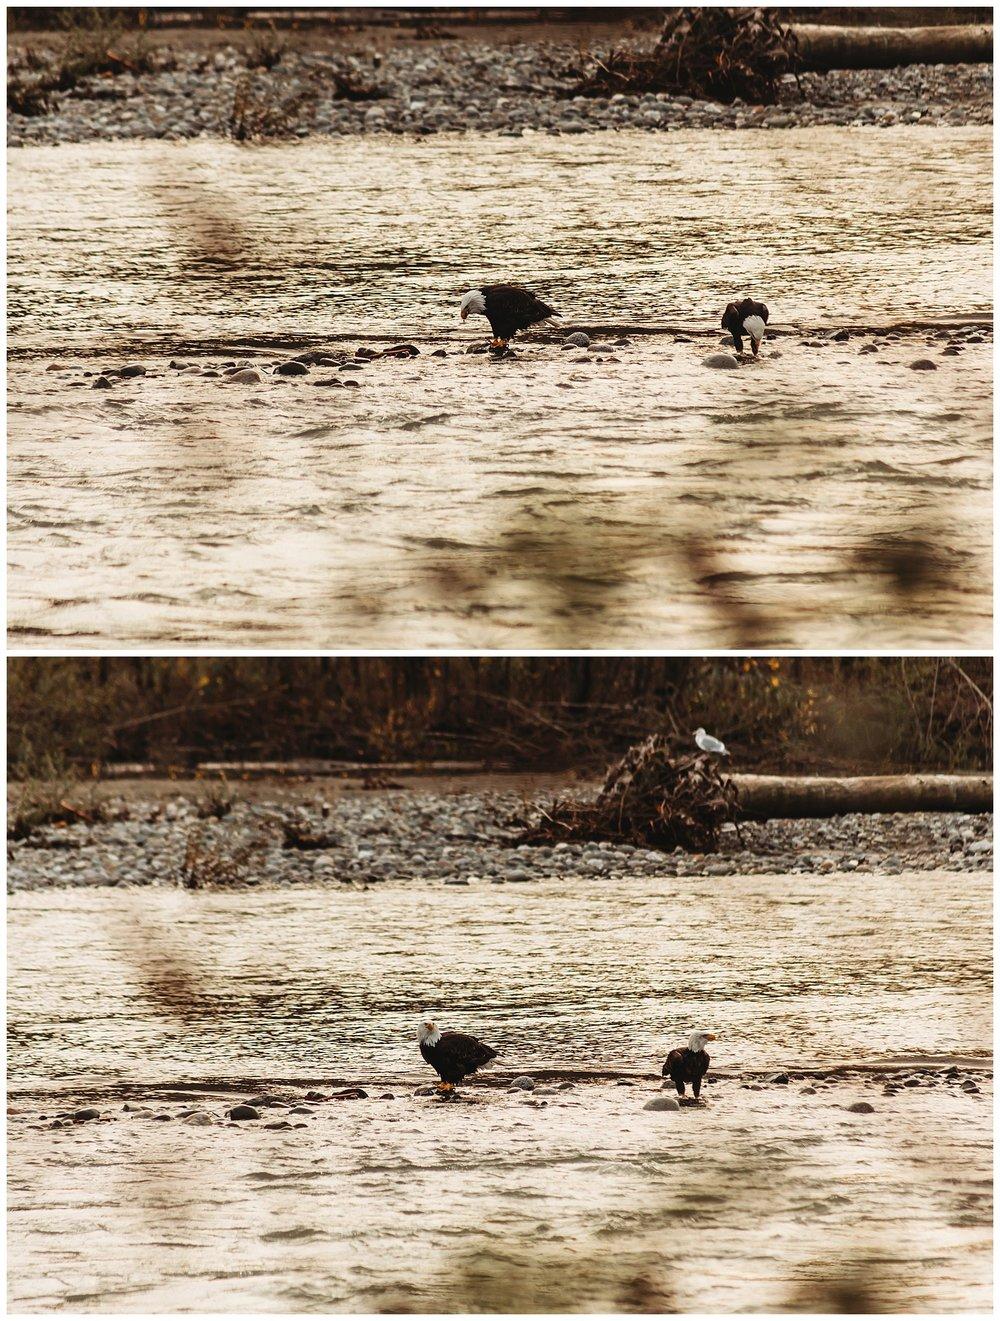 Eagles Vedder River Chilliwack 13.jpg